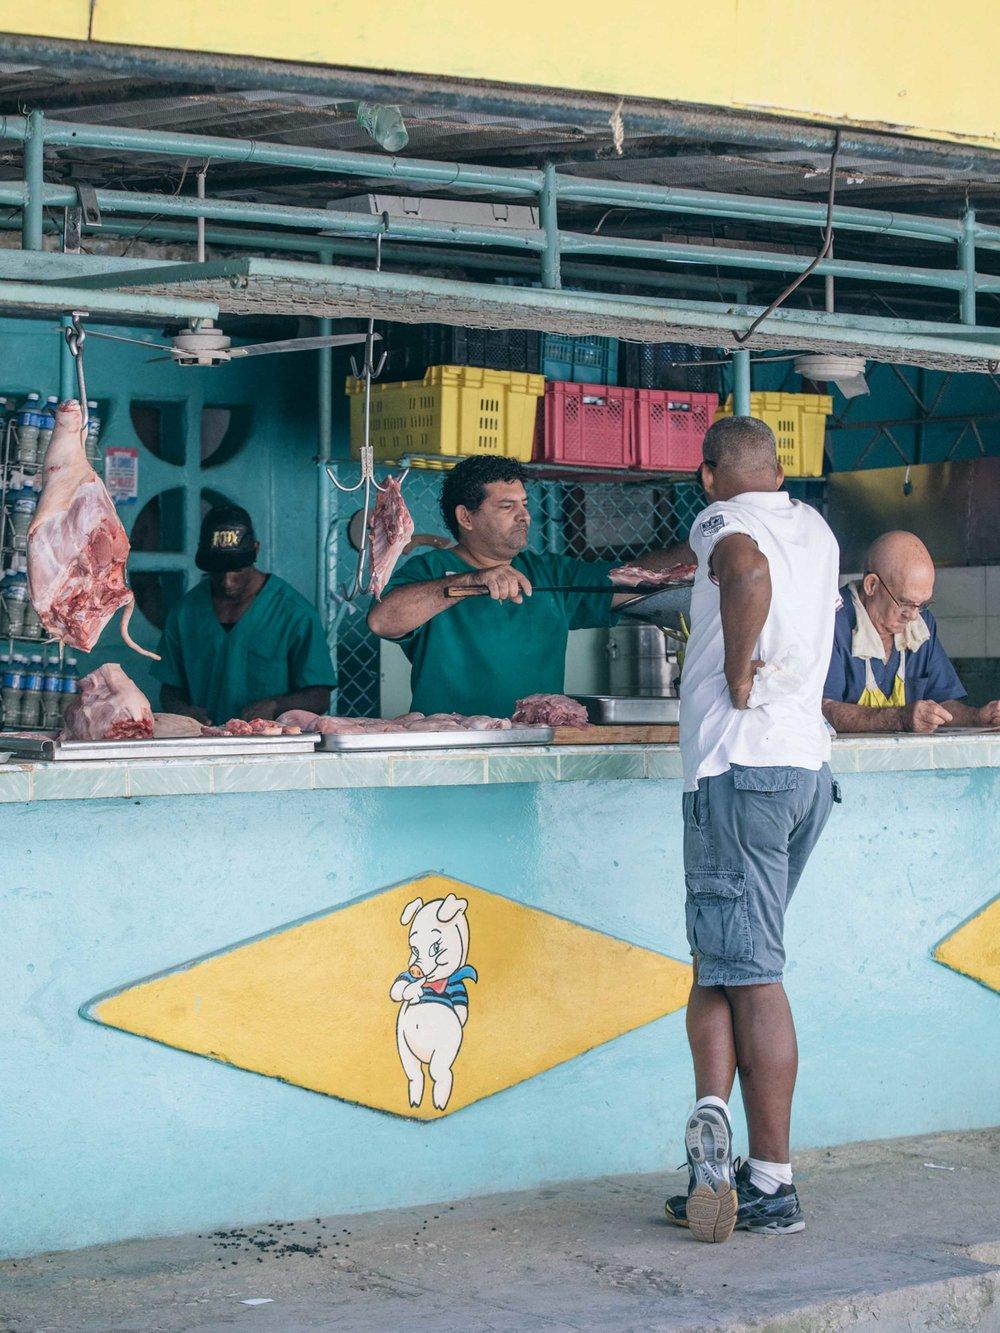 Cuba-davidbraud-0433.jpg